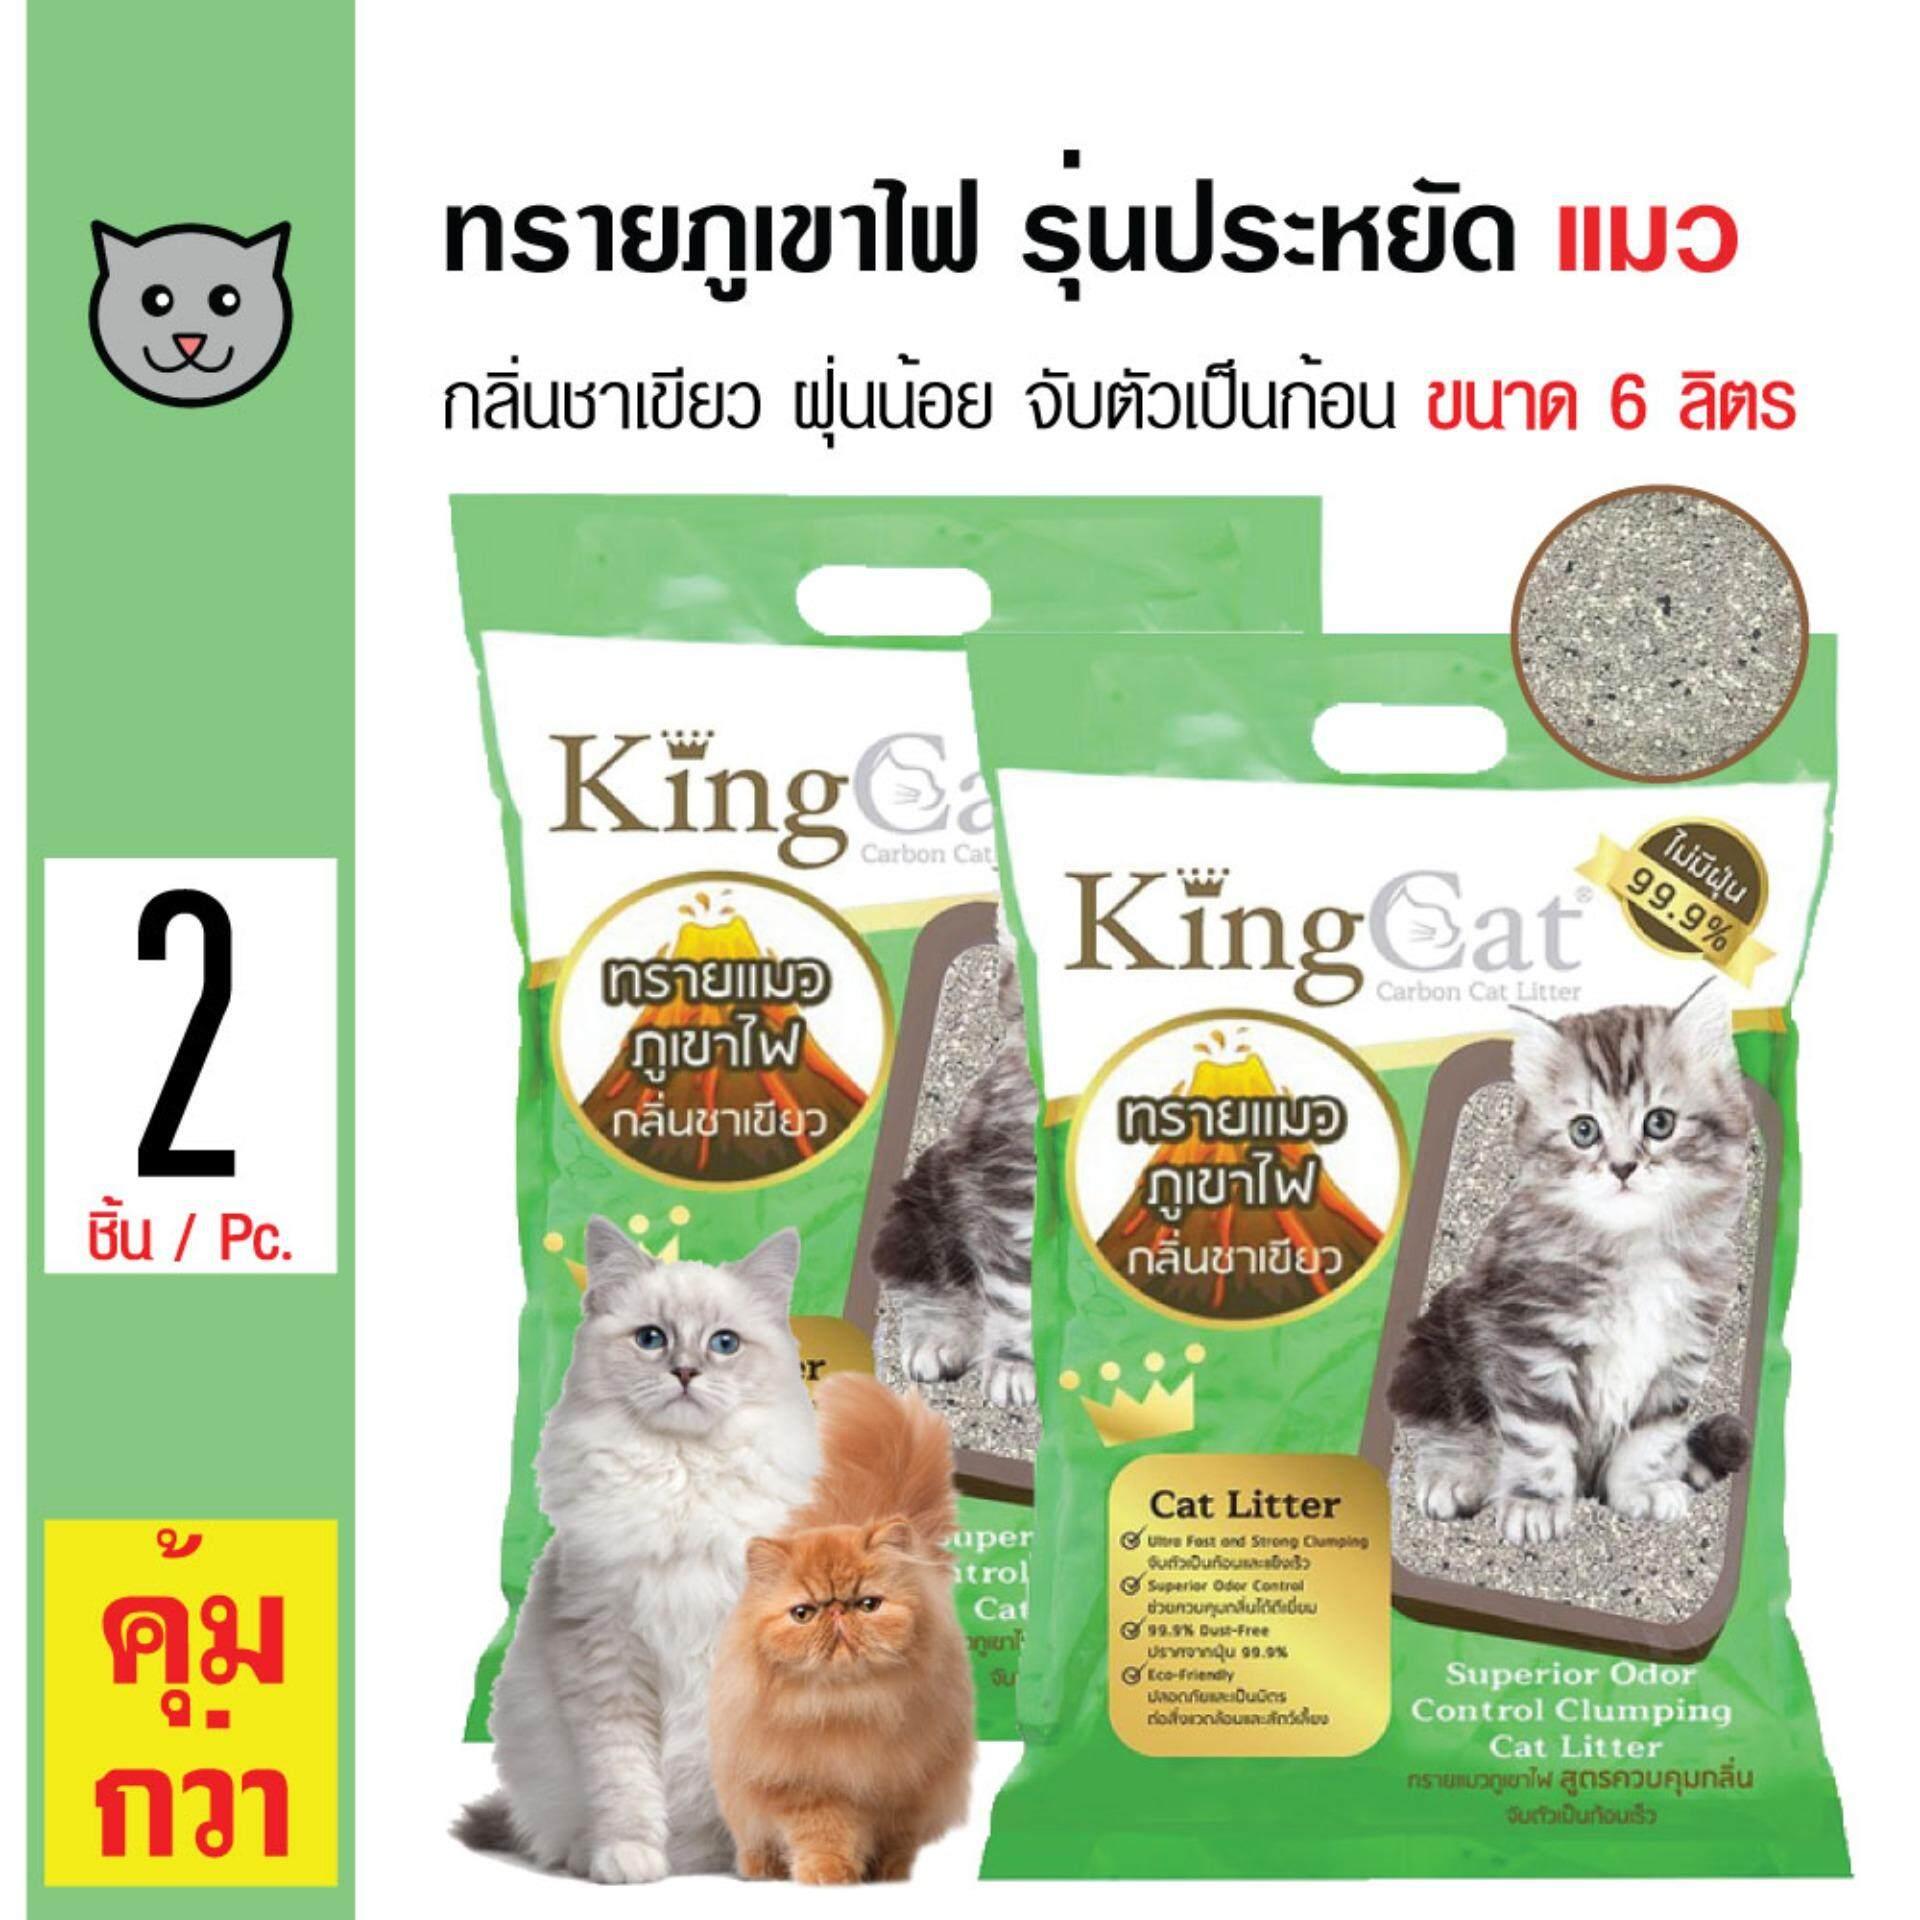 King Cat ทรายแมวภูเขาไฟ กลิ่นชาเขียว สูตรจับตัวเป็นก้อนง่าย ฝุ่นน้อย สำหรับแมวทุกวัย ขนาด 6 ลิตร x 2 ถุง